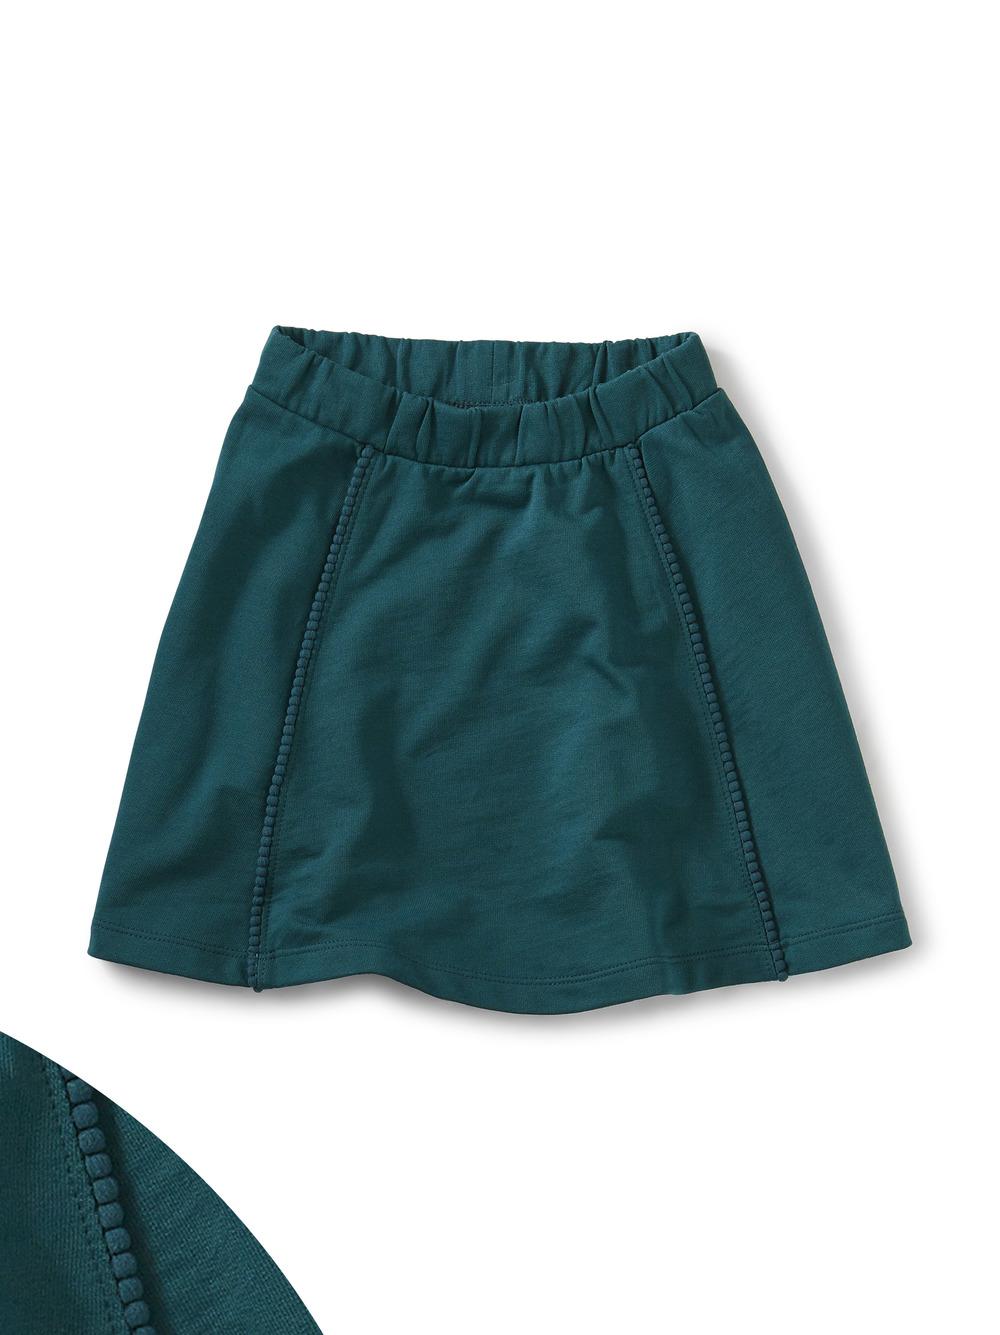 Pompom Twirl Skirt